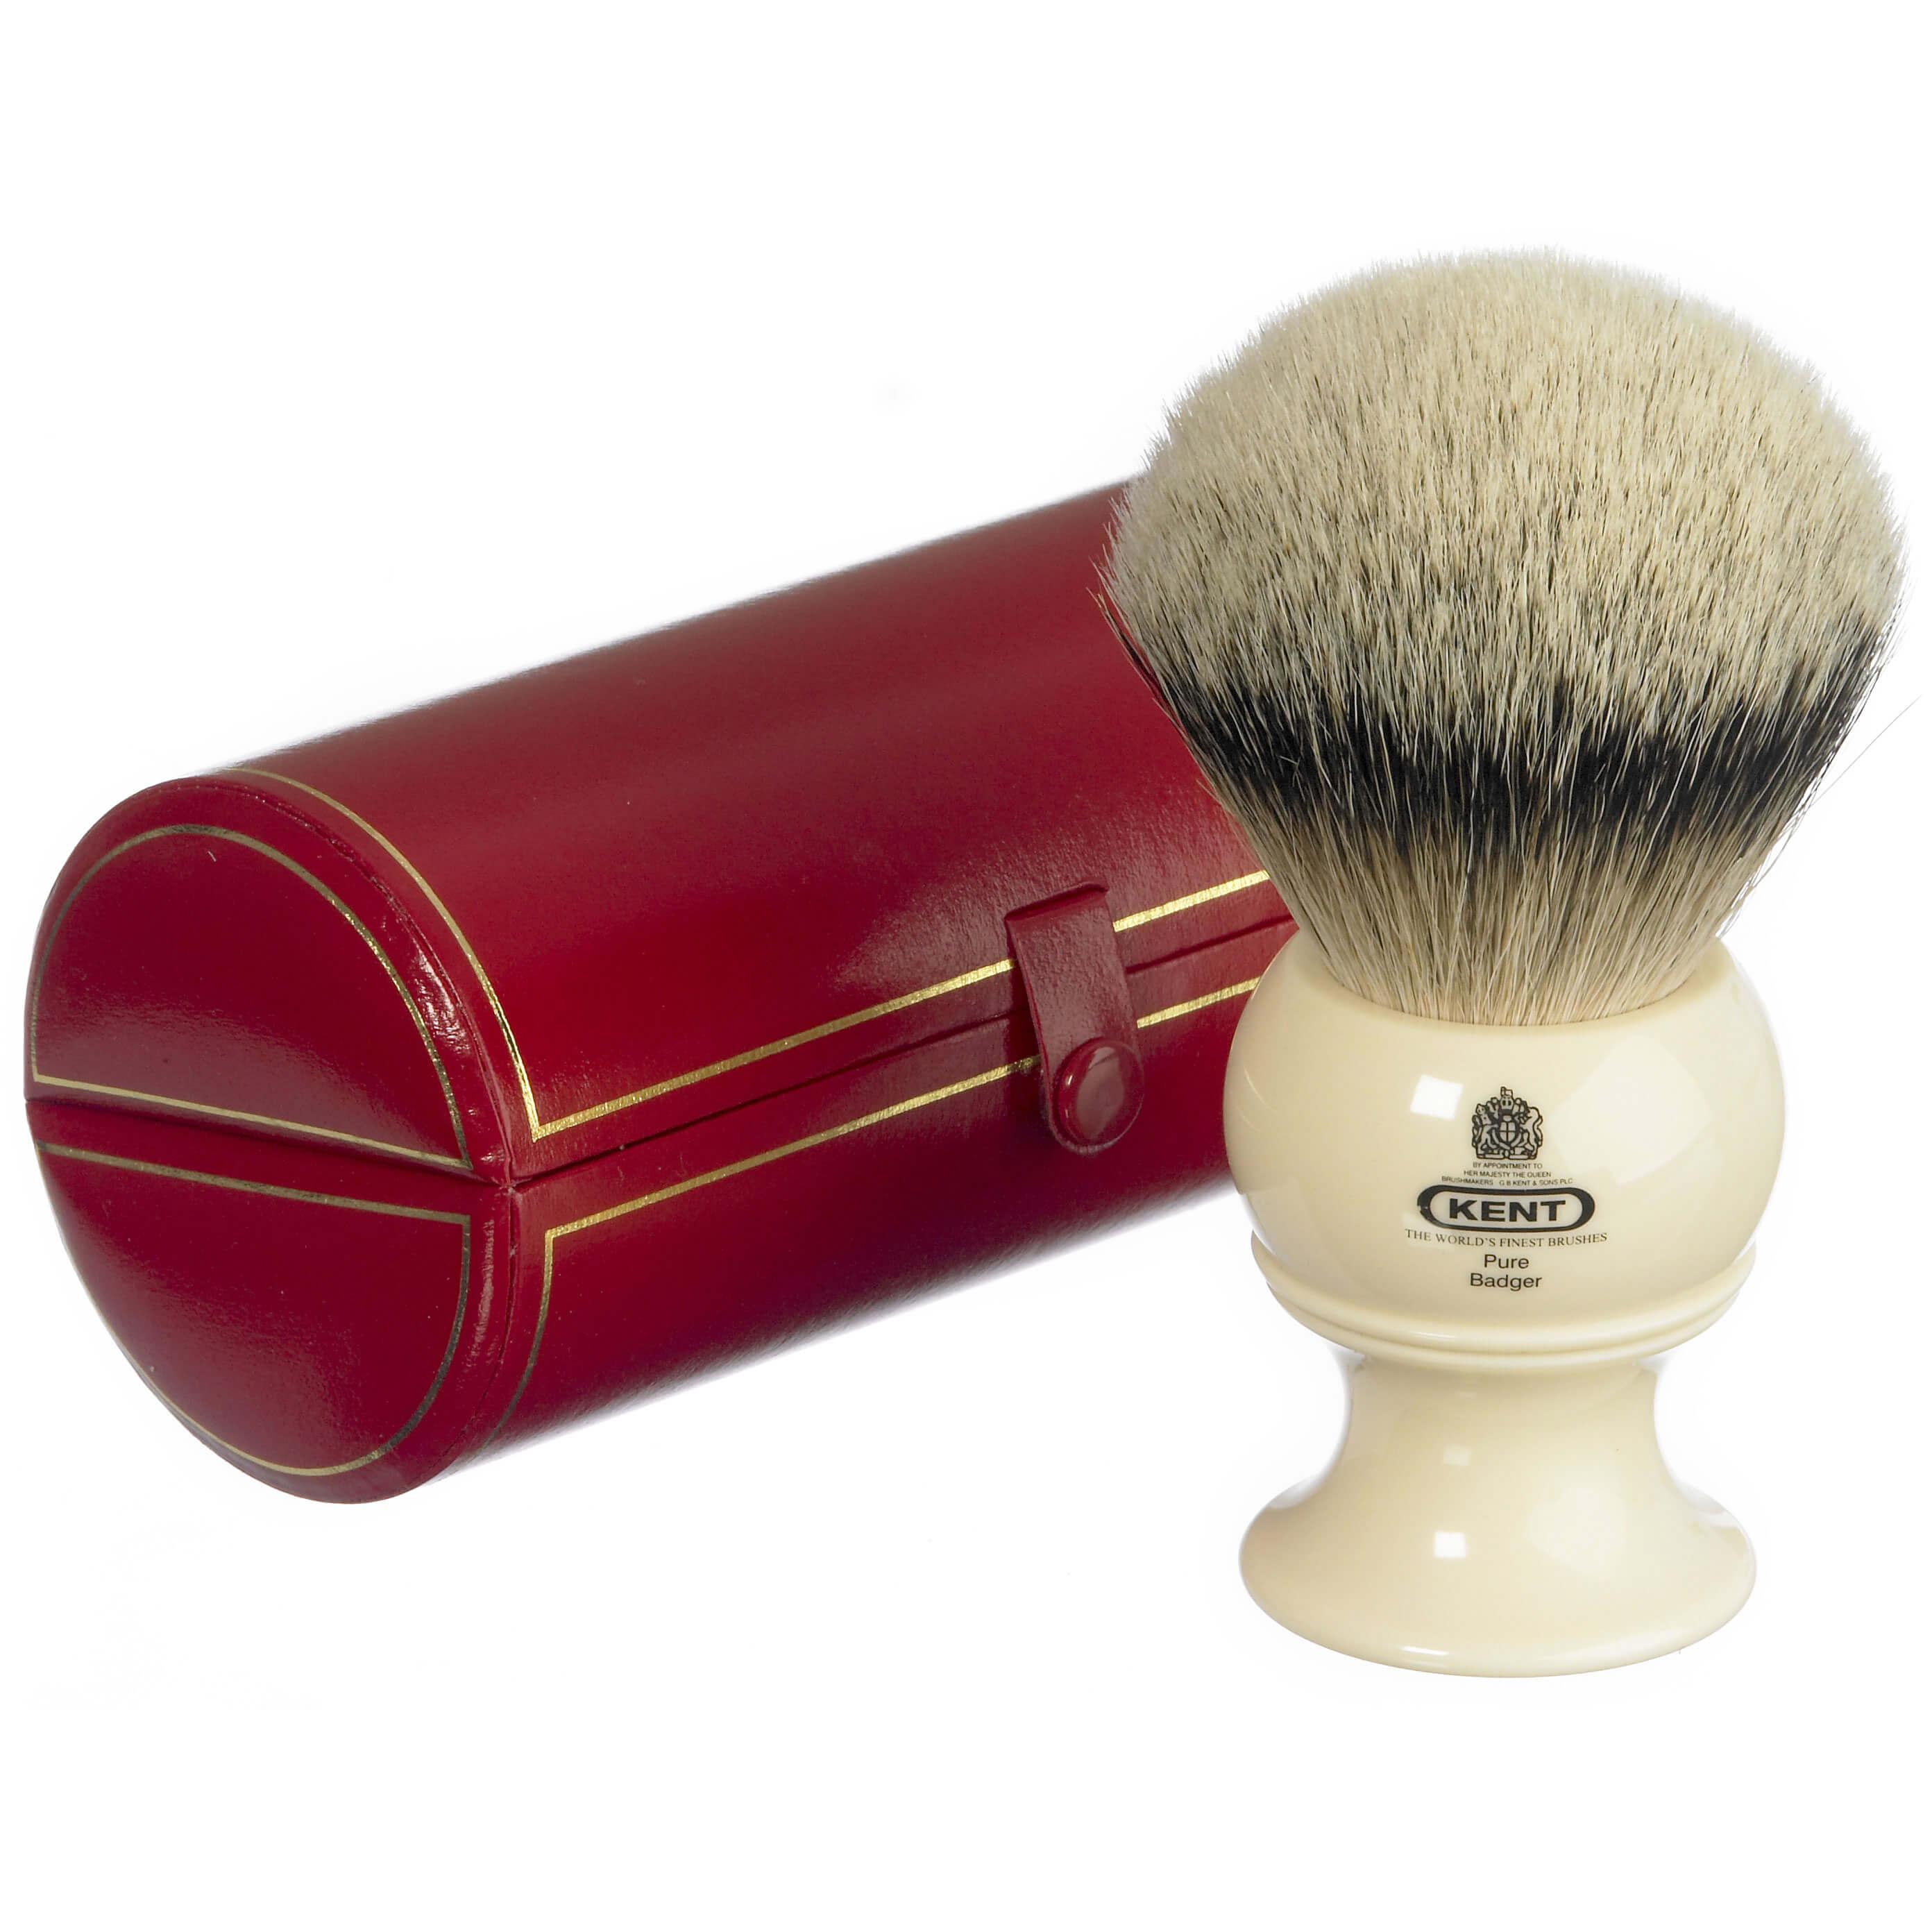 Kent pure Badger shaving brush